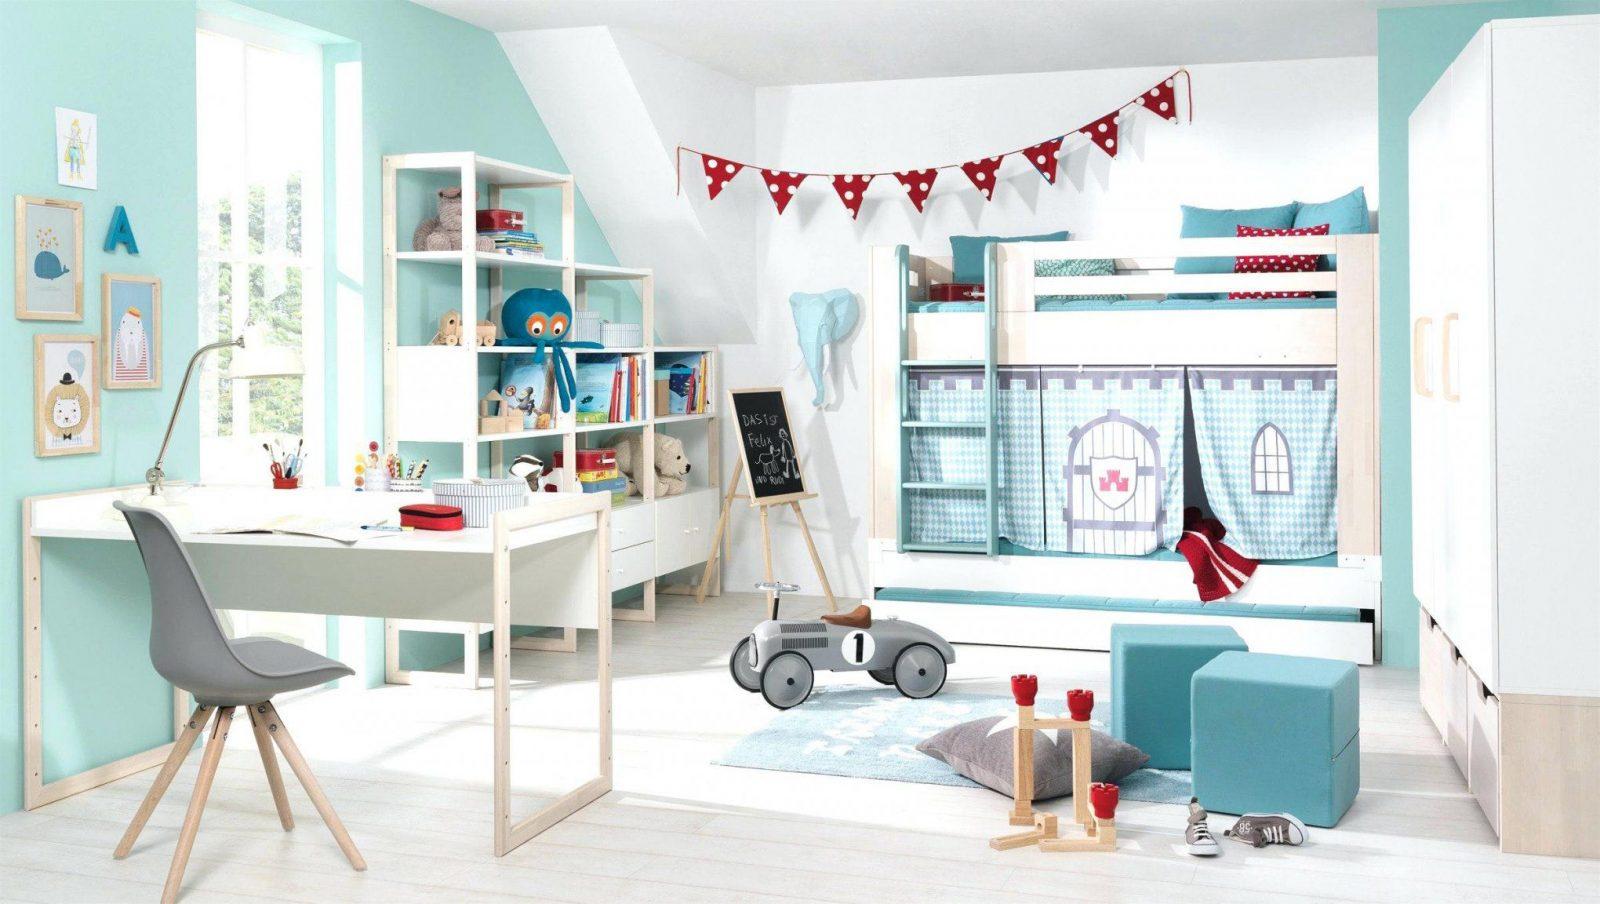 Jugend Zimmer Jugendzimmer Wandgestaltung Jungen Jungen Avec von Jugendzimmer Wände Gestalten Ideen Bild